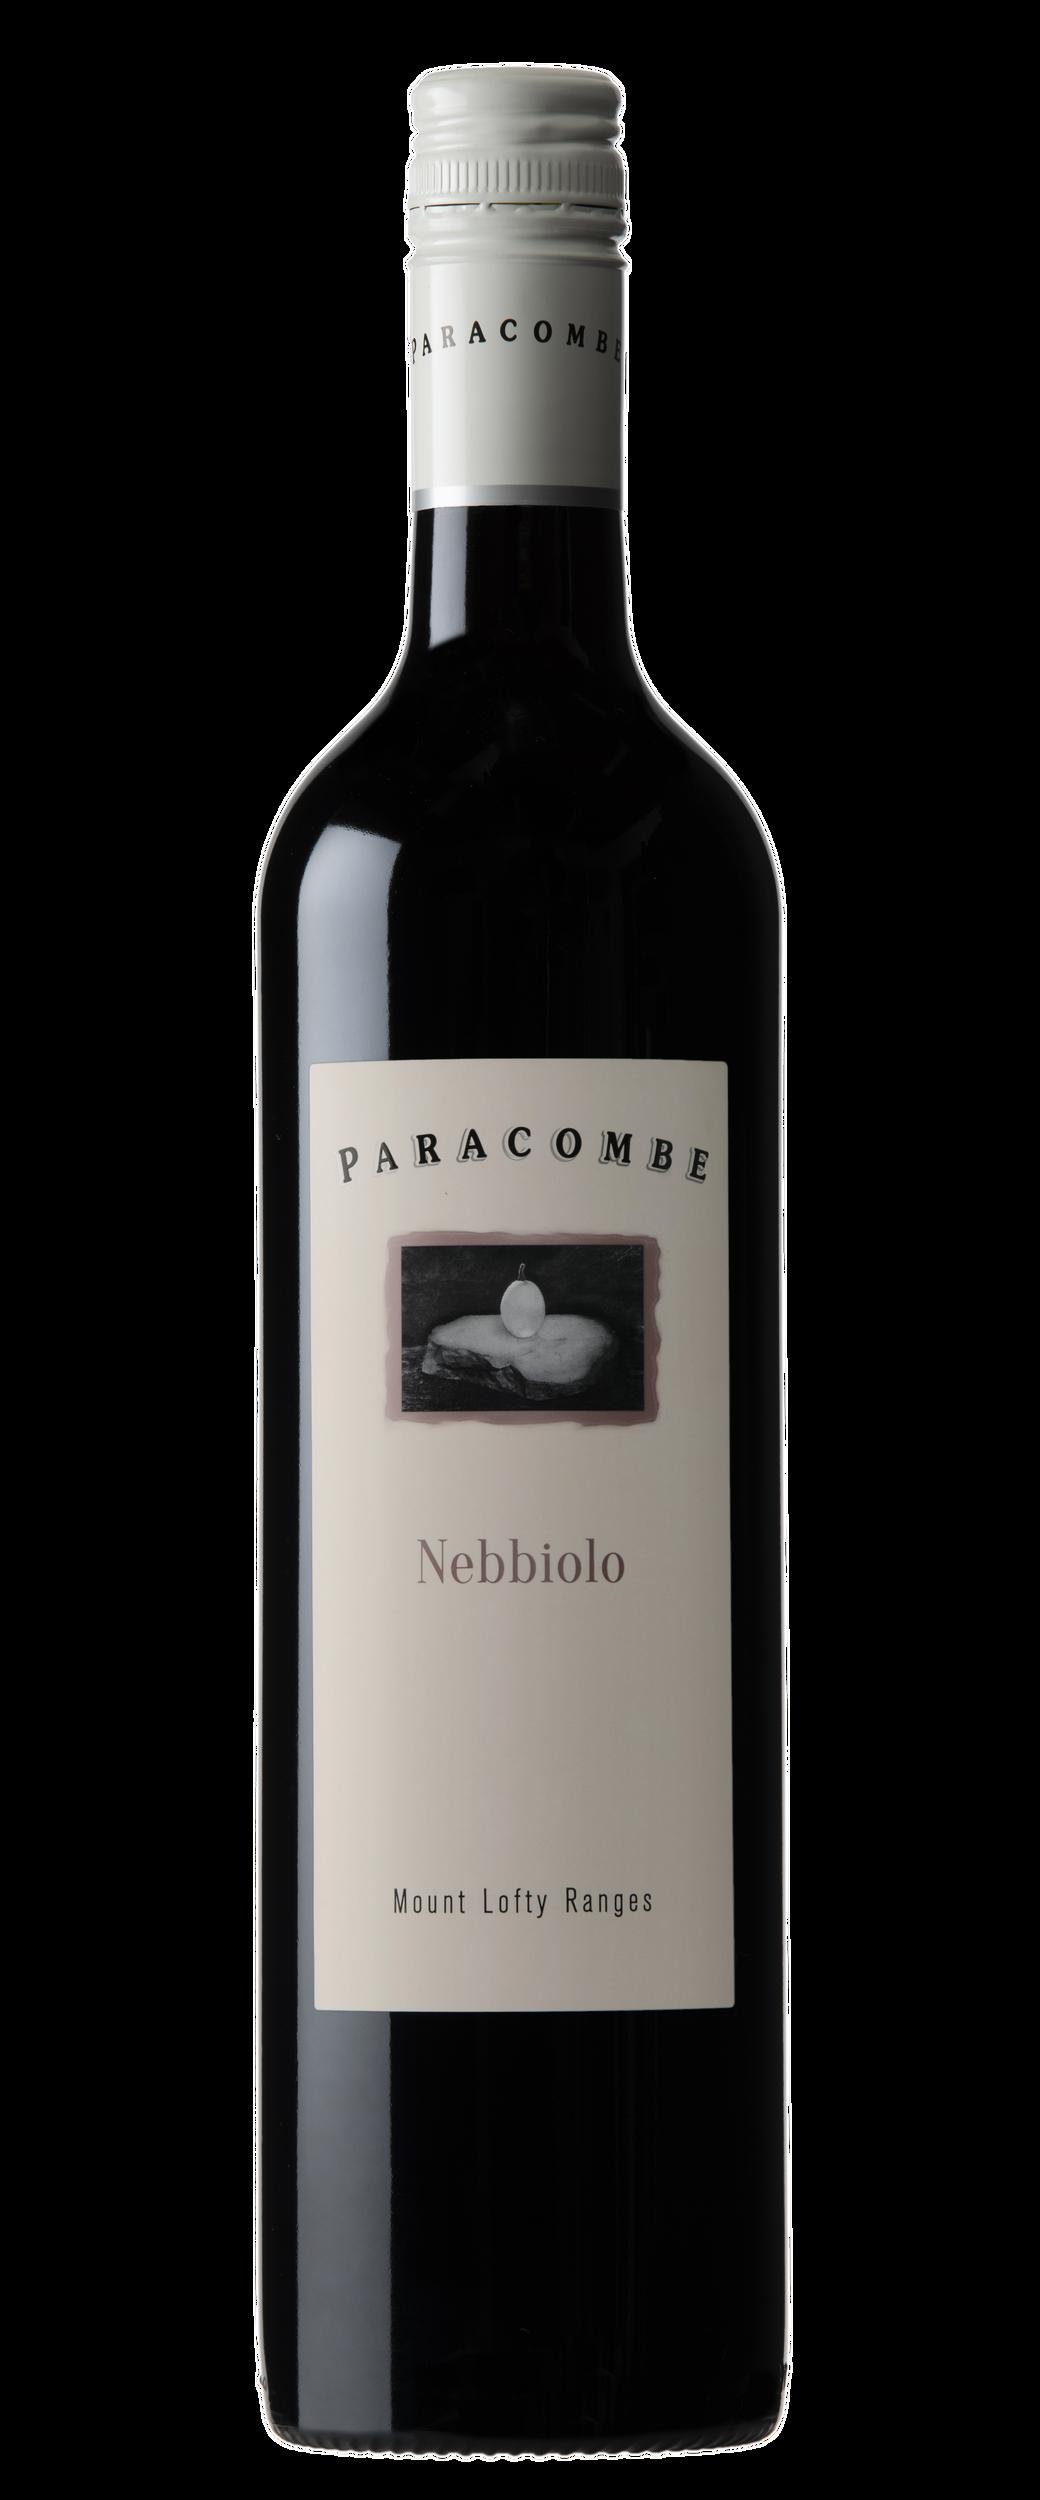 Paracombe Nebbiolo NV